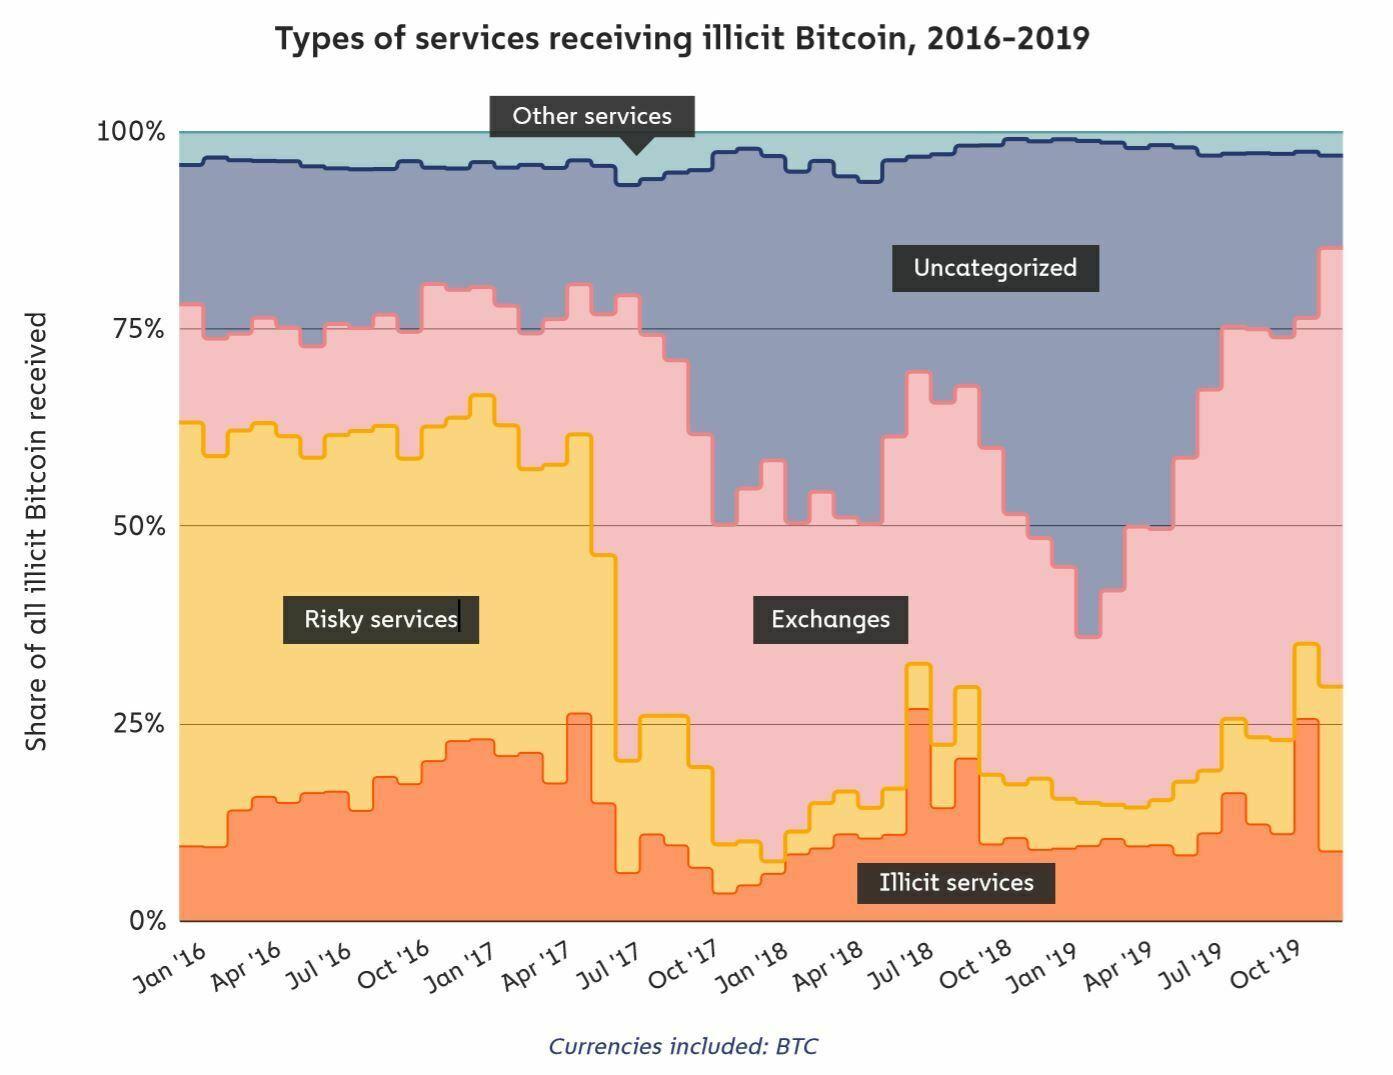 Graphique en aire compilé 100% illustrant les différents types de service utilisé pour recevoir des Bitcoins illicits entre 2016 et 2019